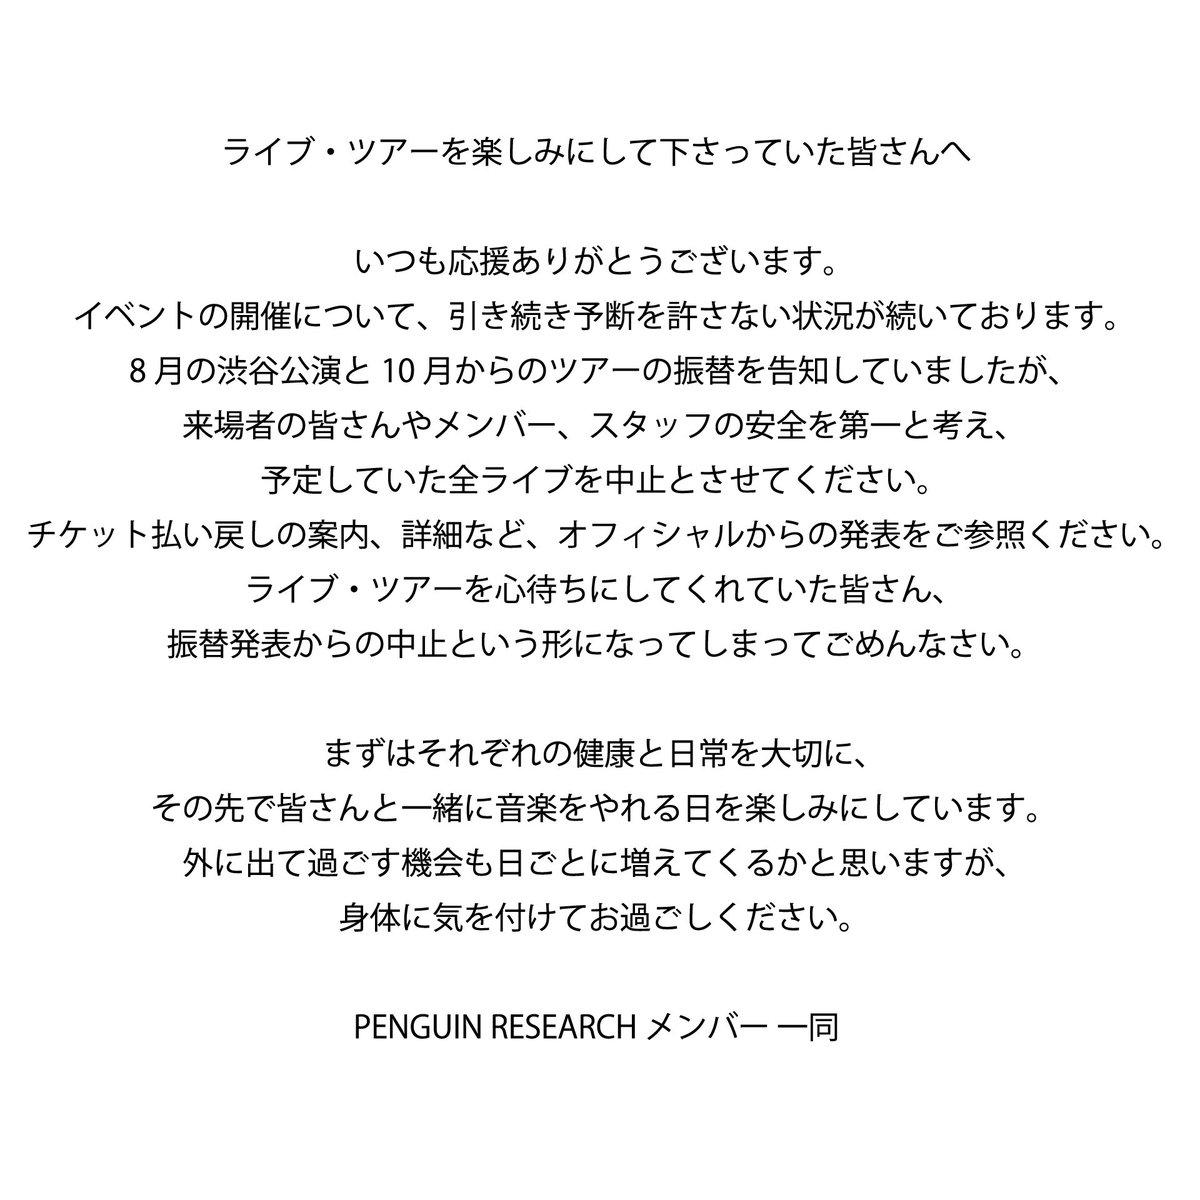 FIVE STARS JOURNEY 公演 FIVE STARS JOURNEY TOUR 公演 中止のお知らせ  公演を心待ちにしていただいておりましたお客様には大変残念な決断になってしまったことを、心よりお詫び申し上げます。  詳細はHPをご確認いただきますようお願いします。 https://t.co/z2kPJfBc4D https://t.co/RR5SsqqWec